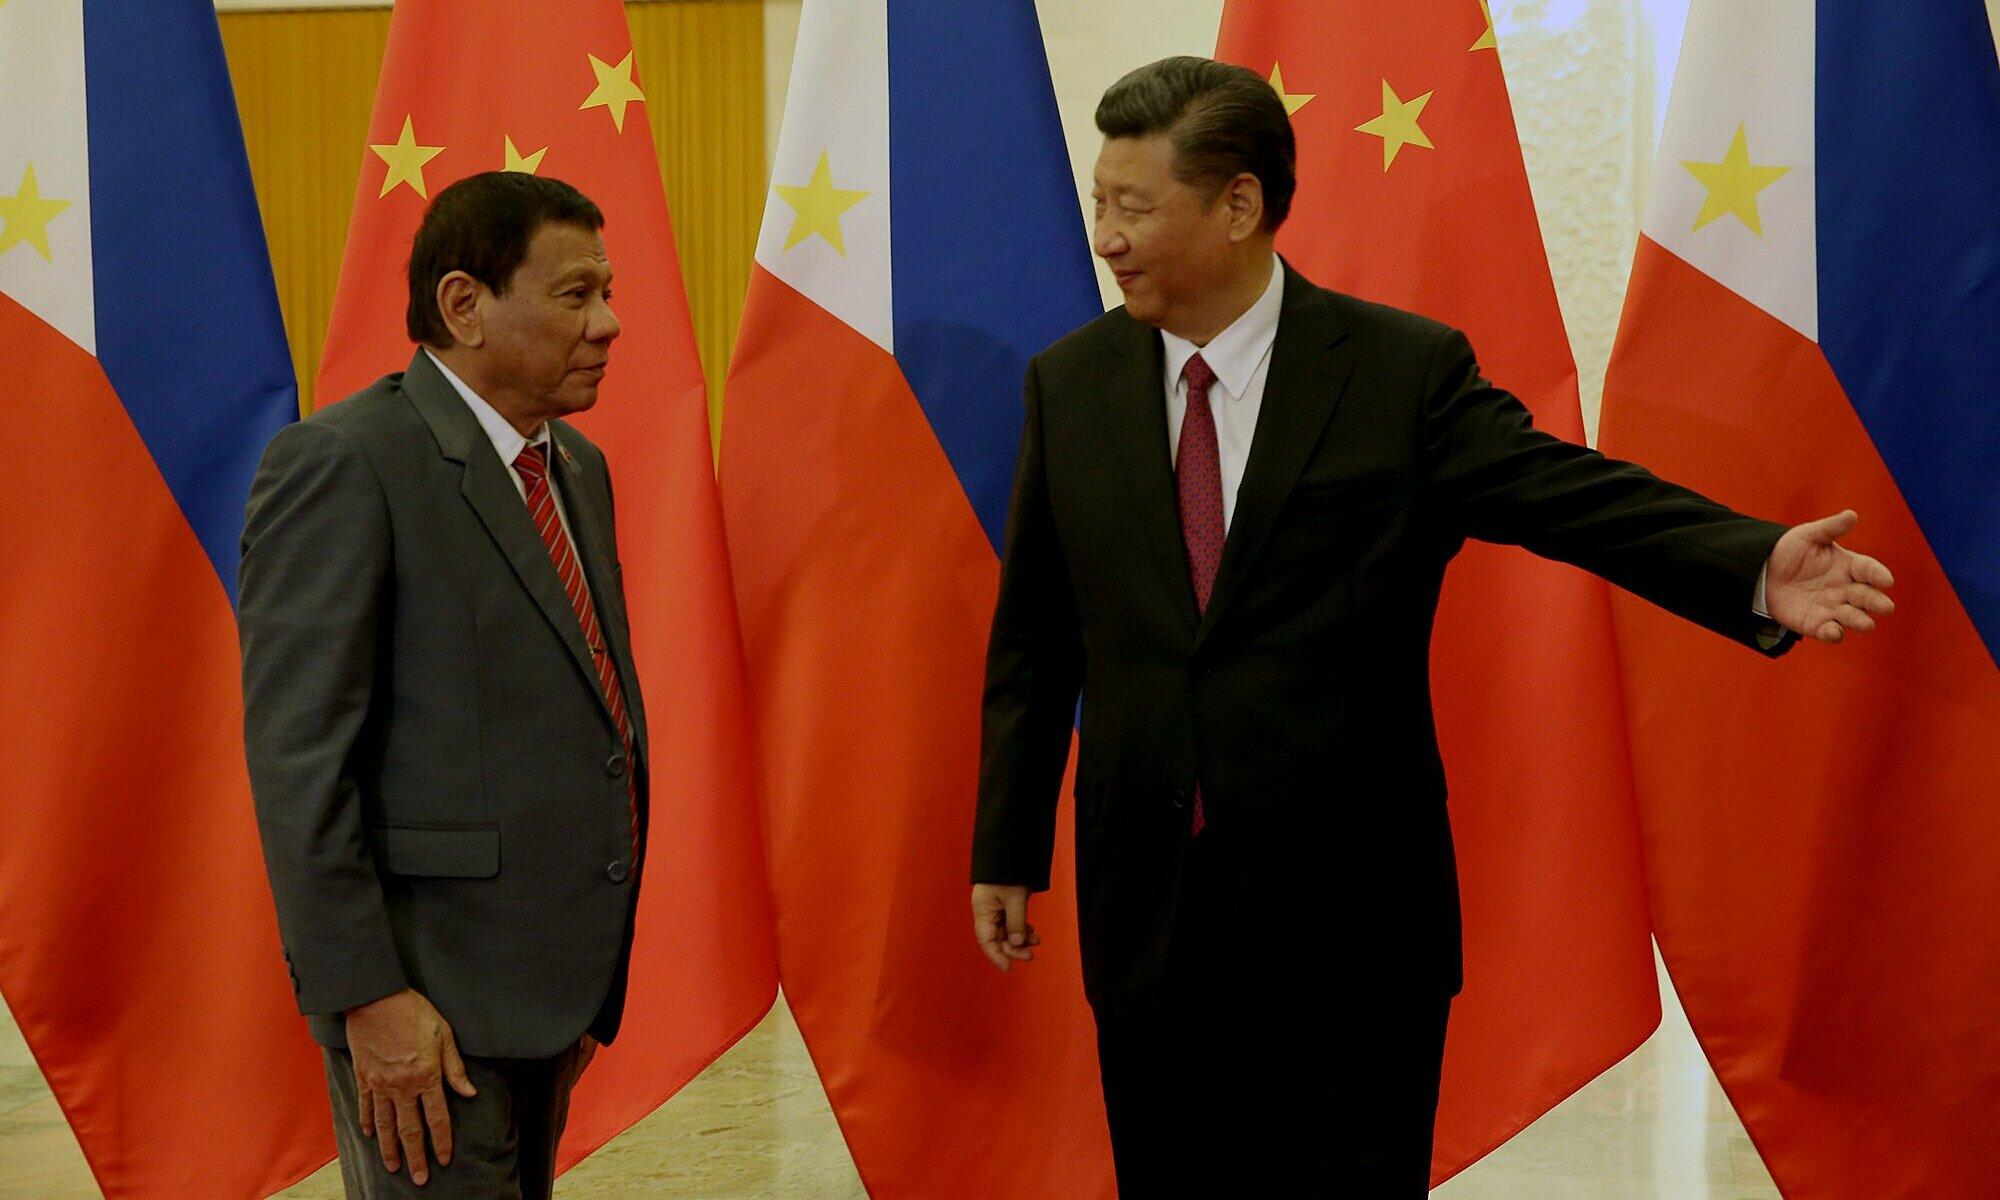 Tổng thống Philippines Rodrigo Duterte gặp Chủ tịch Trung Quốc Tập Cận Bình tại Bắc Kinh vào tháng 10/2016. Ảnh: Rappler.